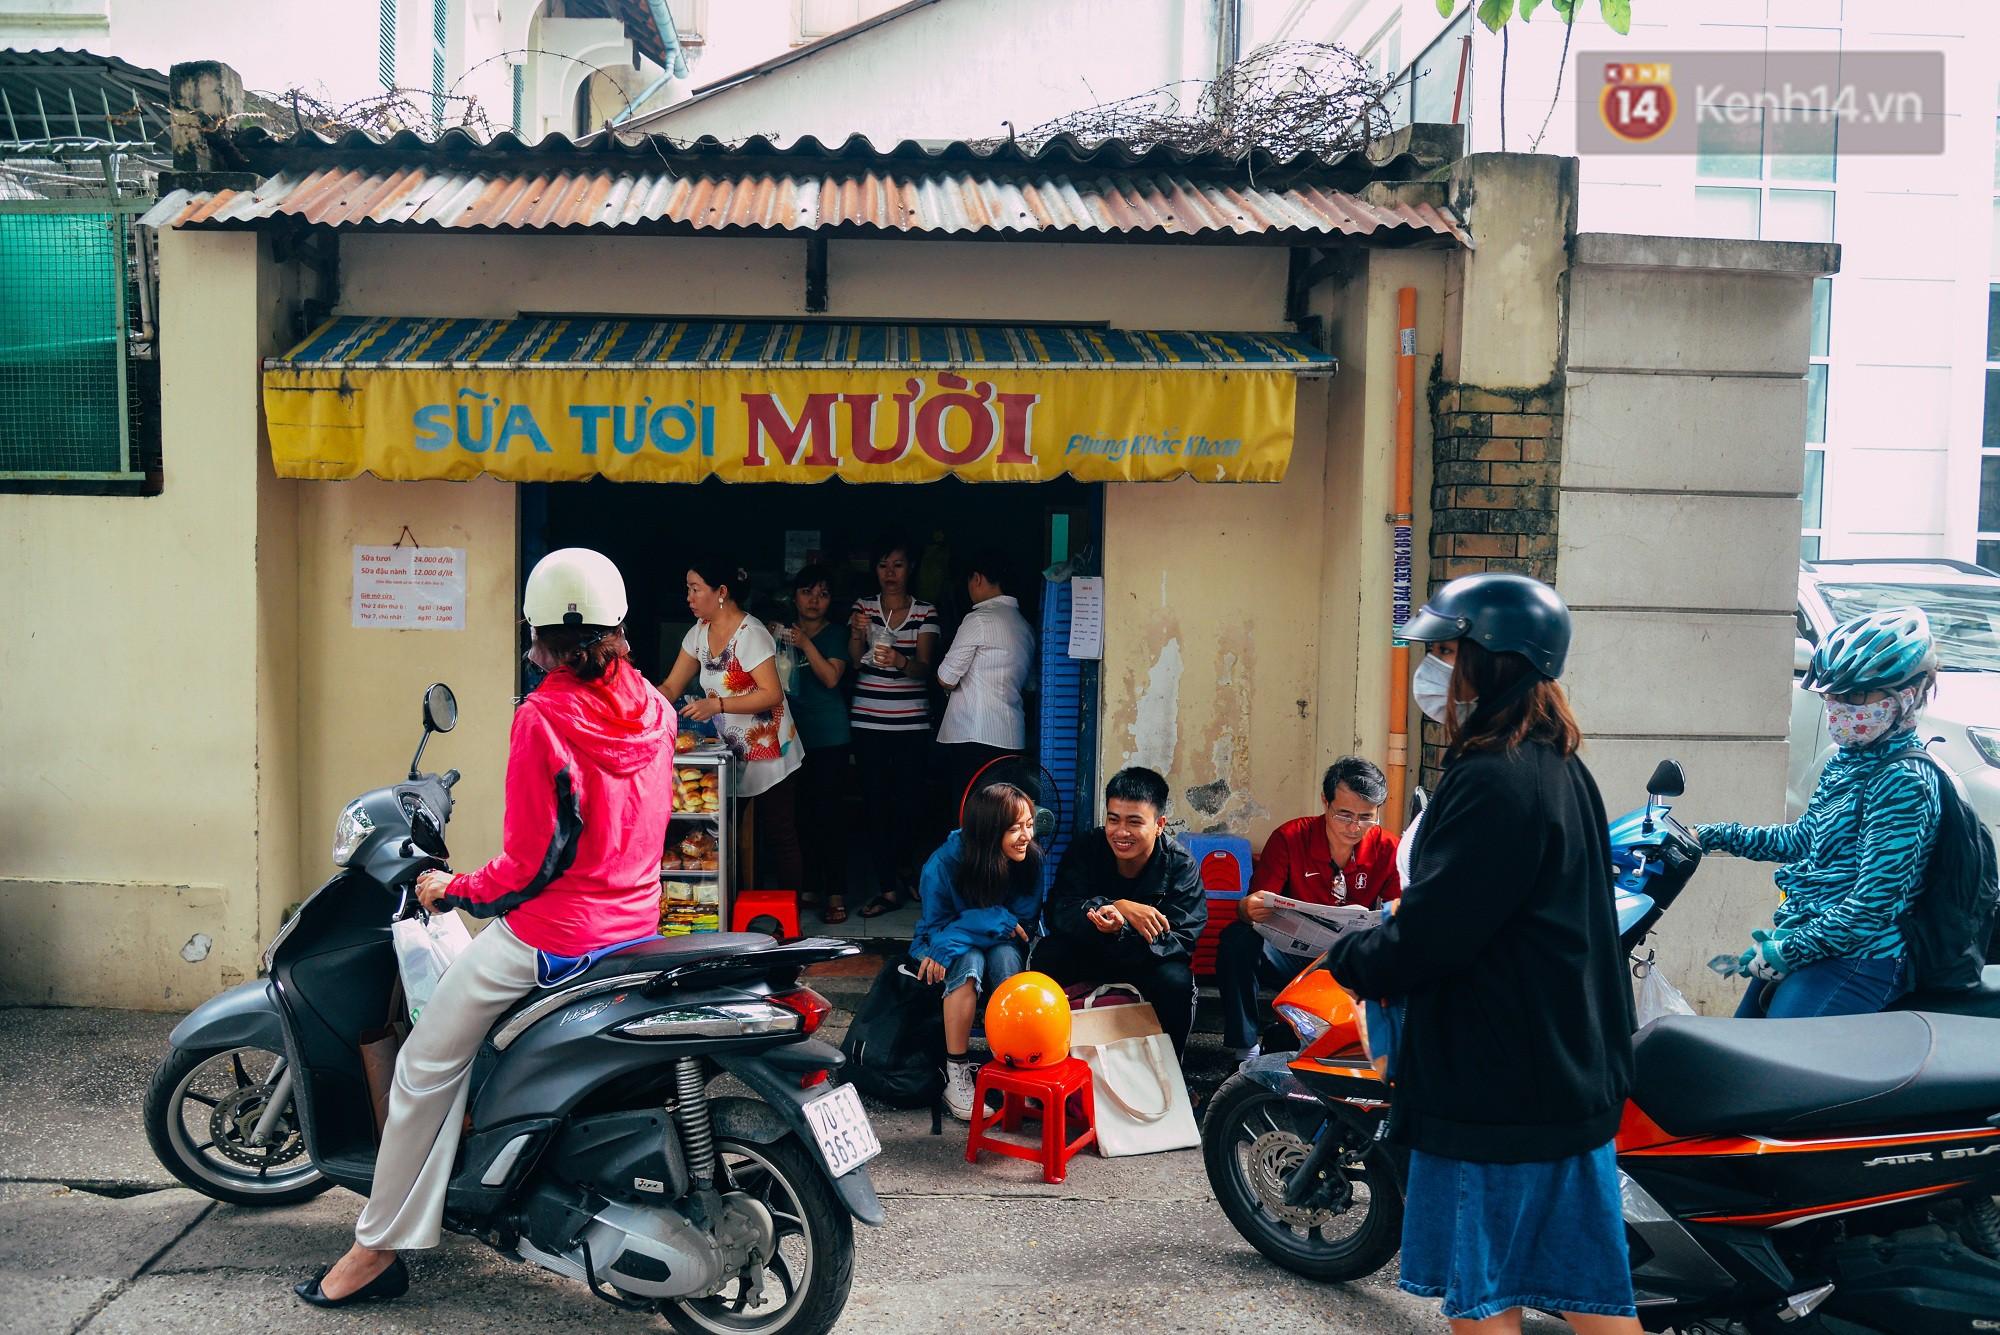 Sữa tươi Mười vào sáng tinh mơ và câu chuyện 20 năm gây thương nhớ của những cô chủ quán dễ thương nhất Sài Gòn - Ảnh 8.